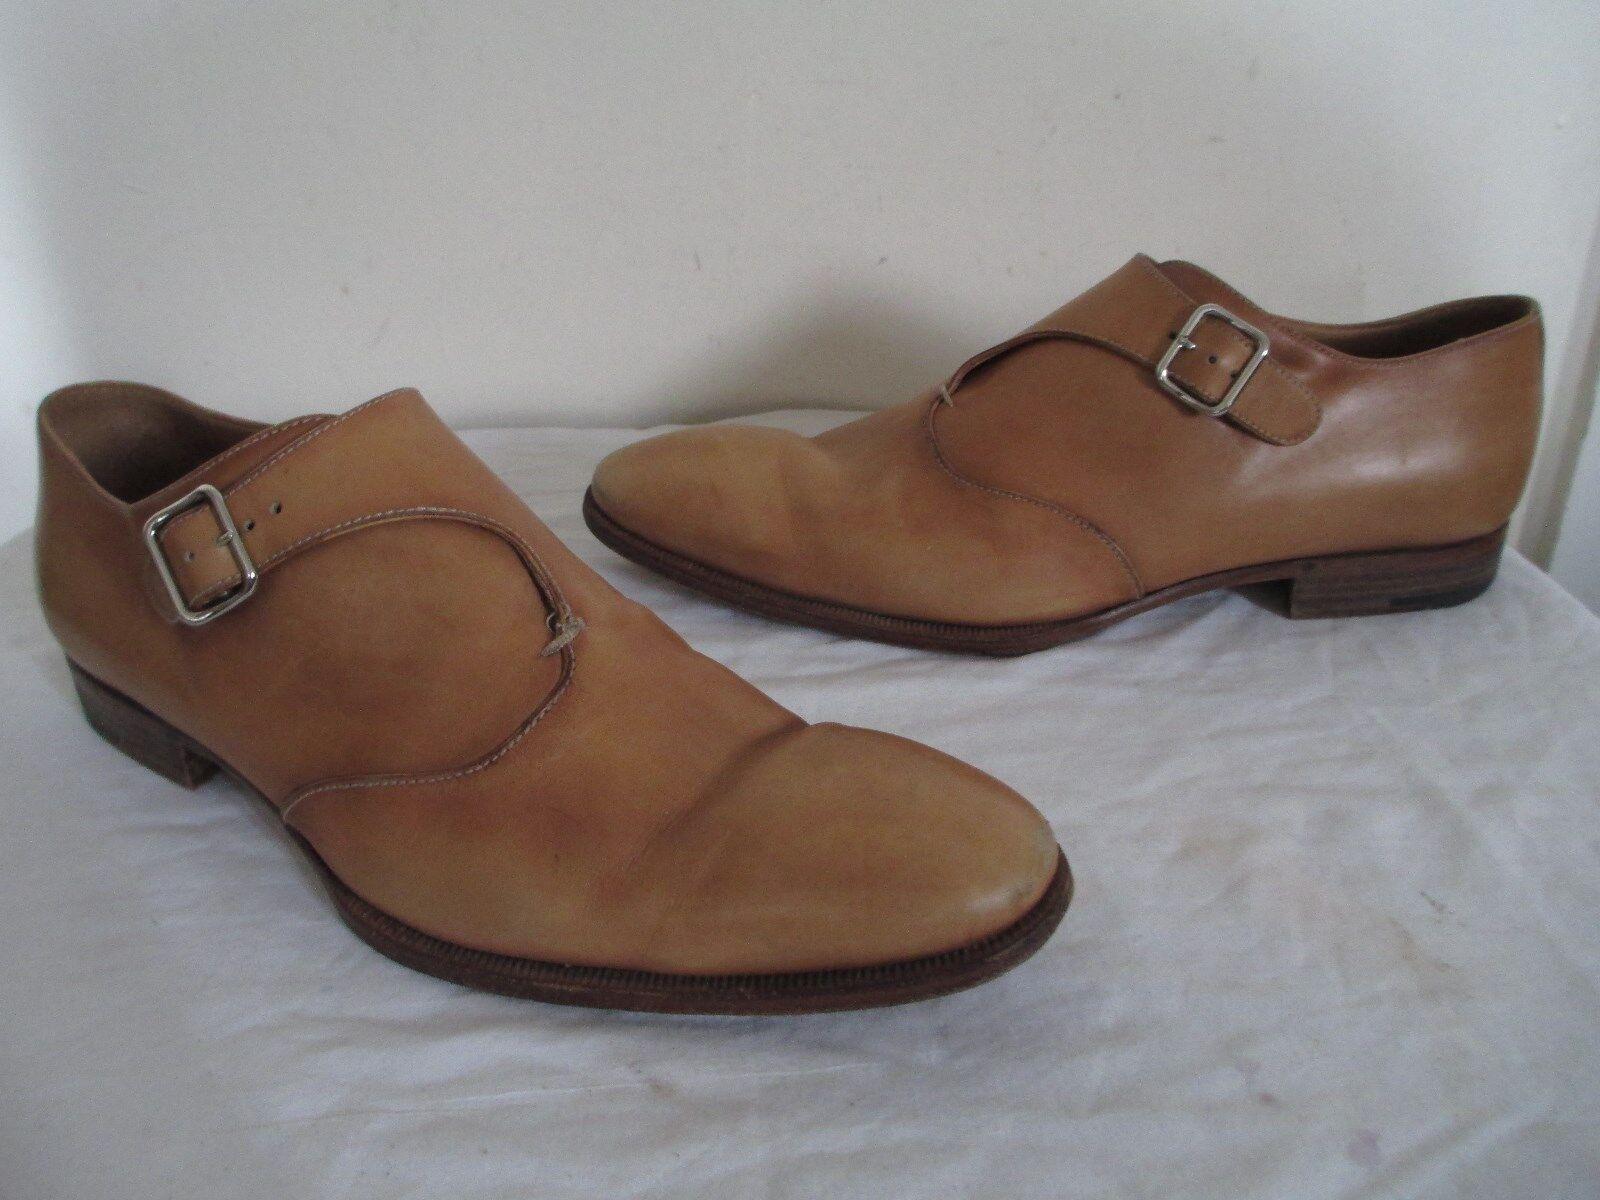 Zapatos de vestir Domenico Vacca lavorata a mano para hombres Cuero Tostado Monje hecha en Italia